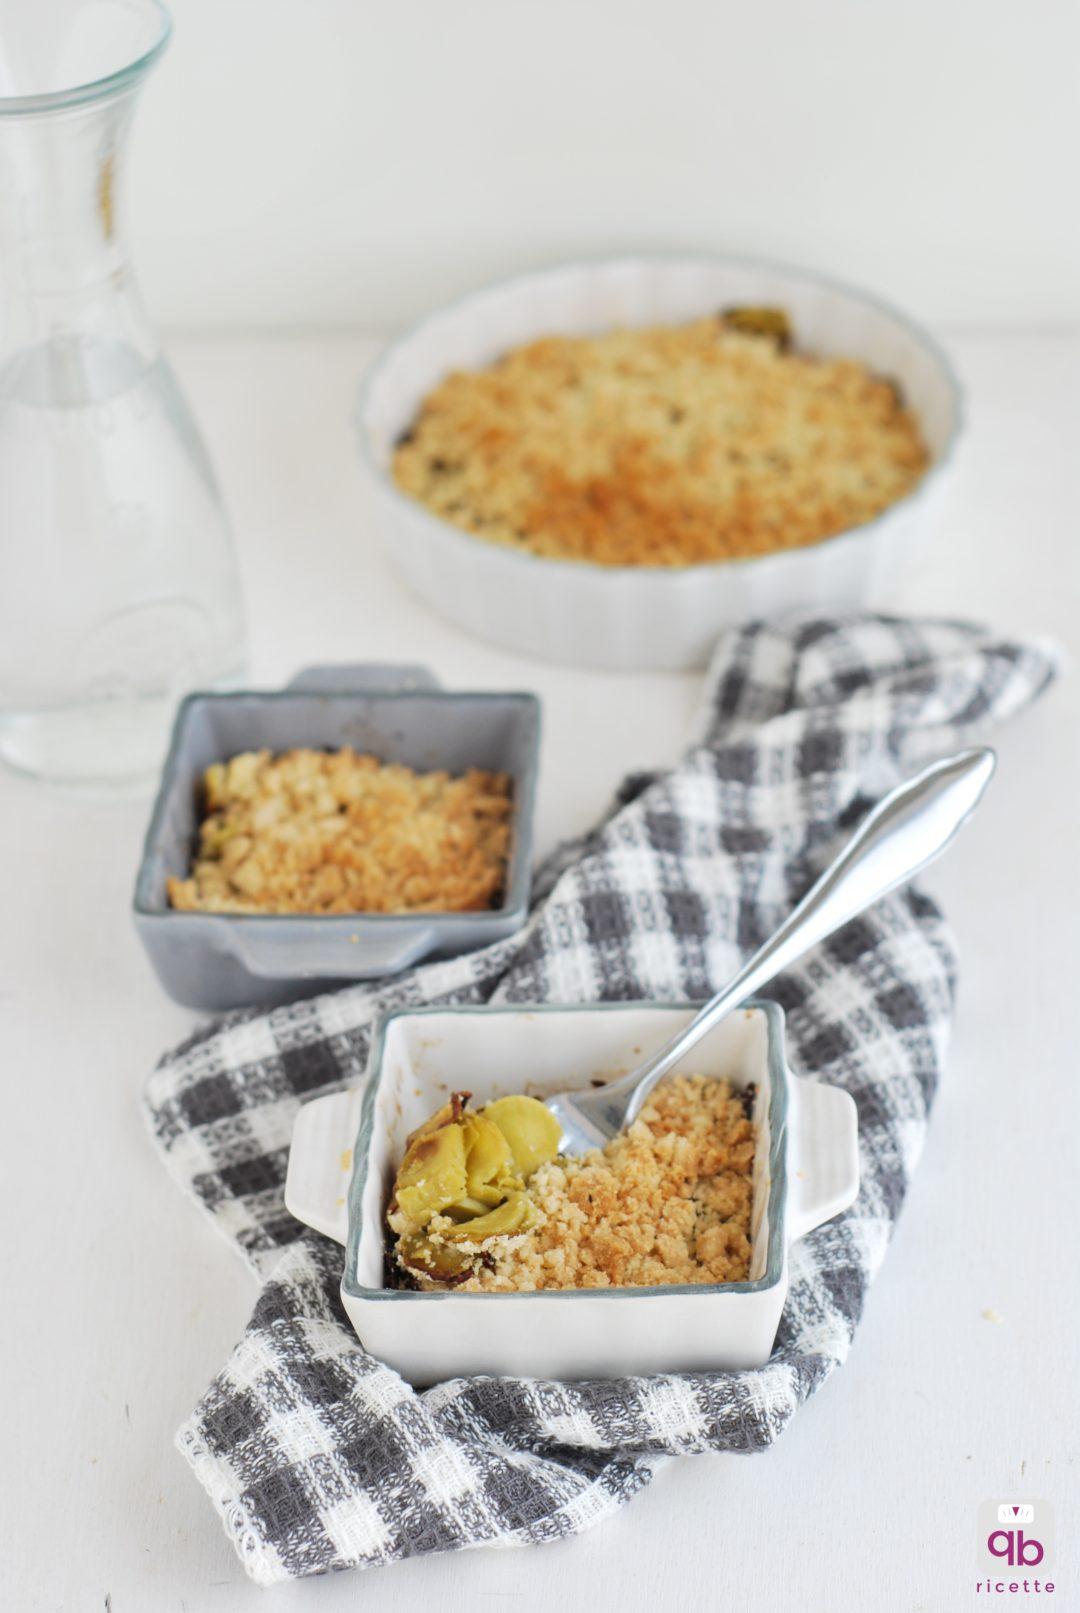 Crumble salato qb ricette for Cucinare zucchine trombetta